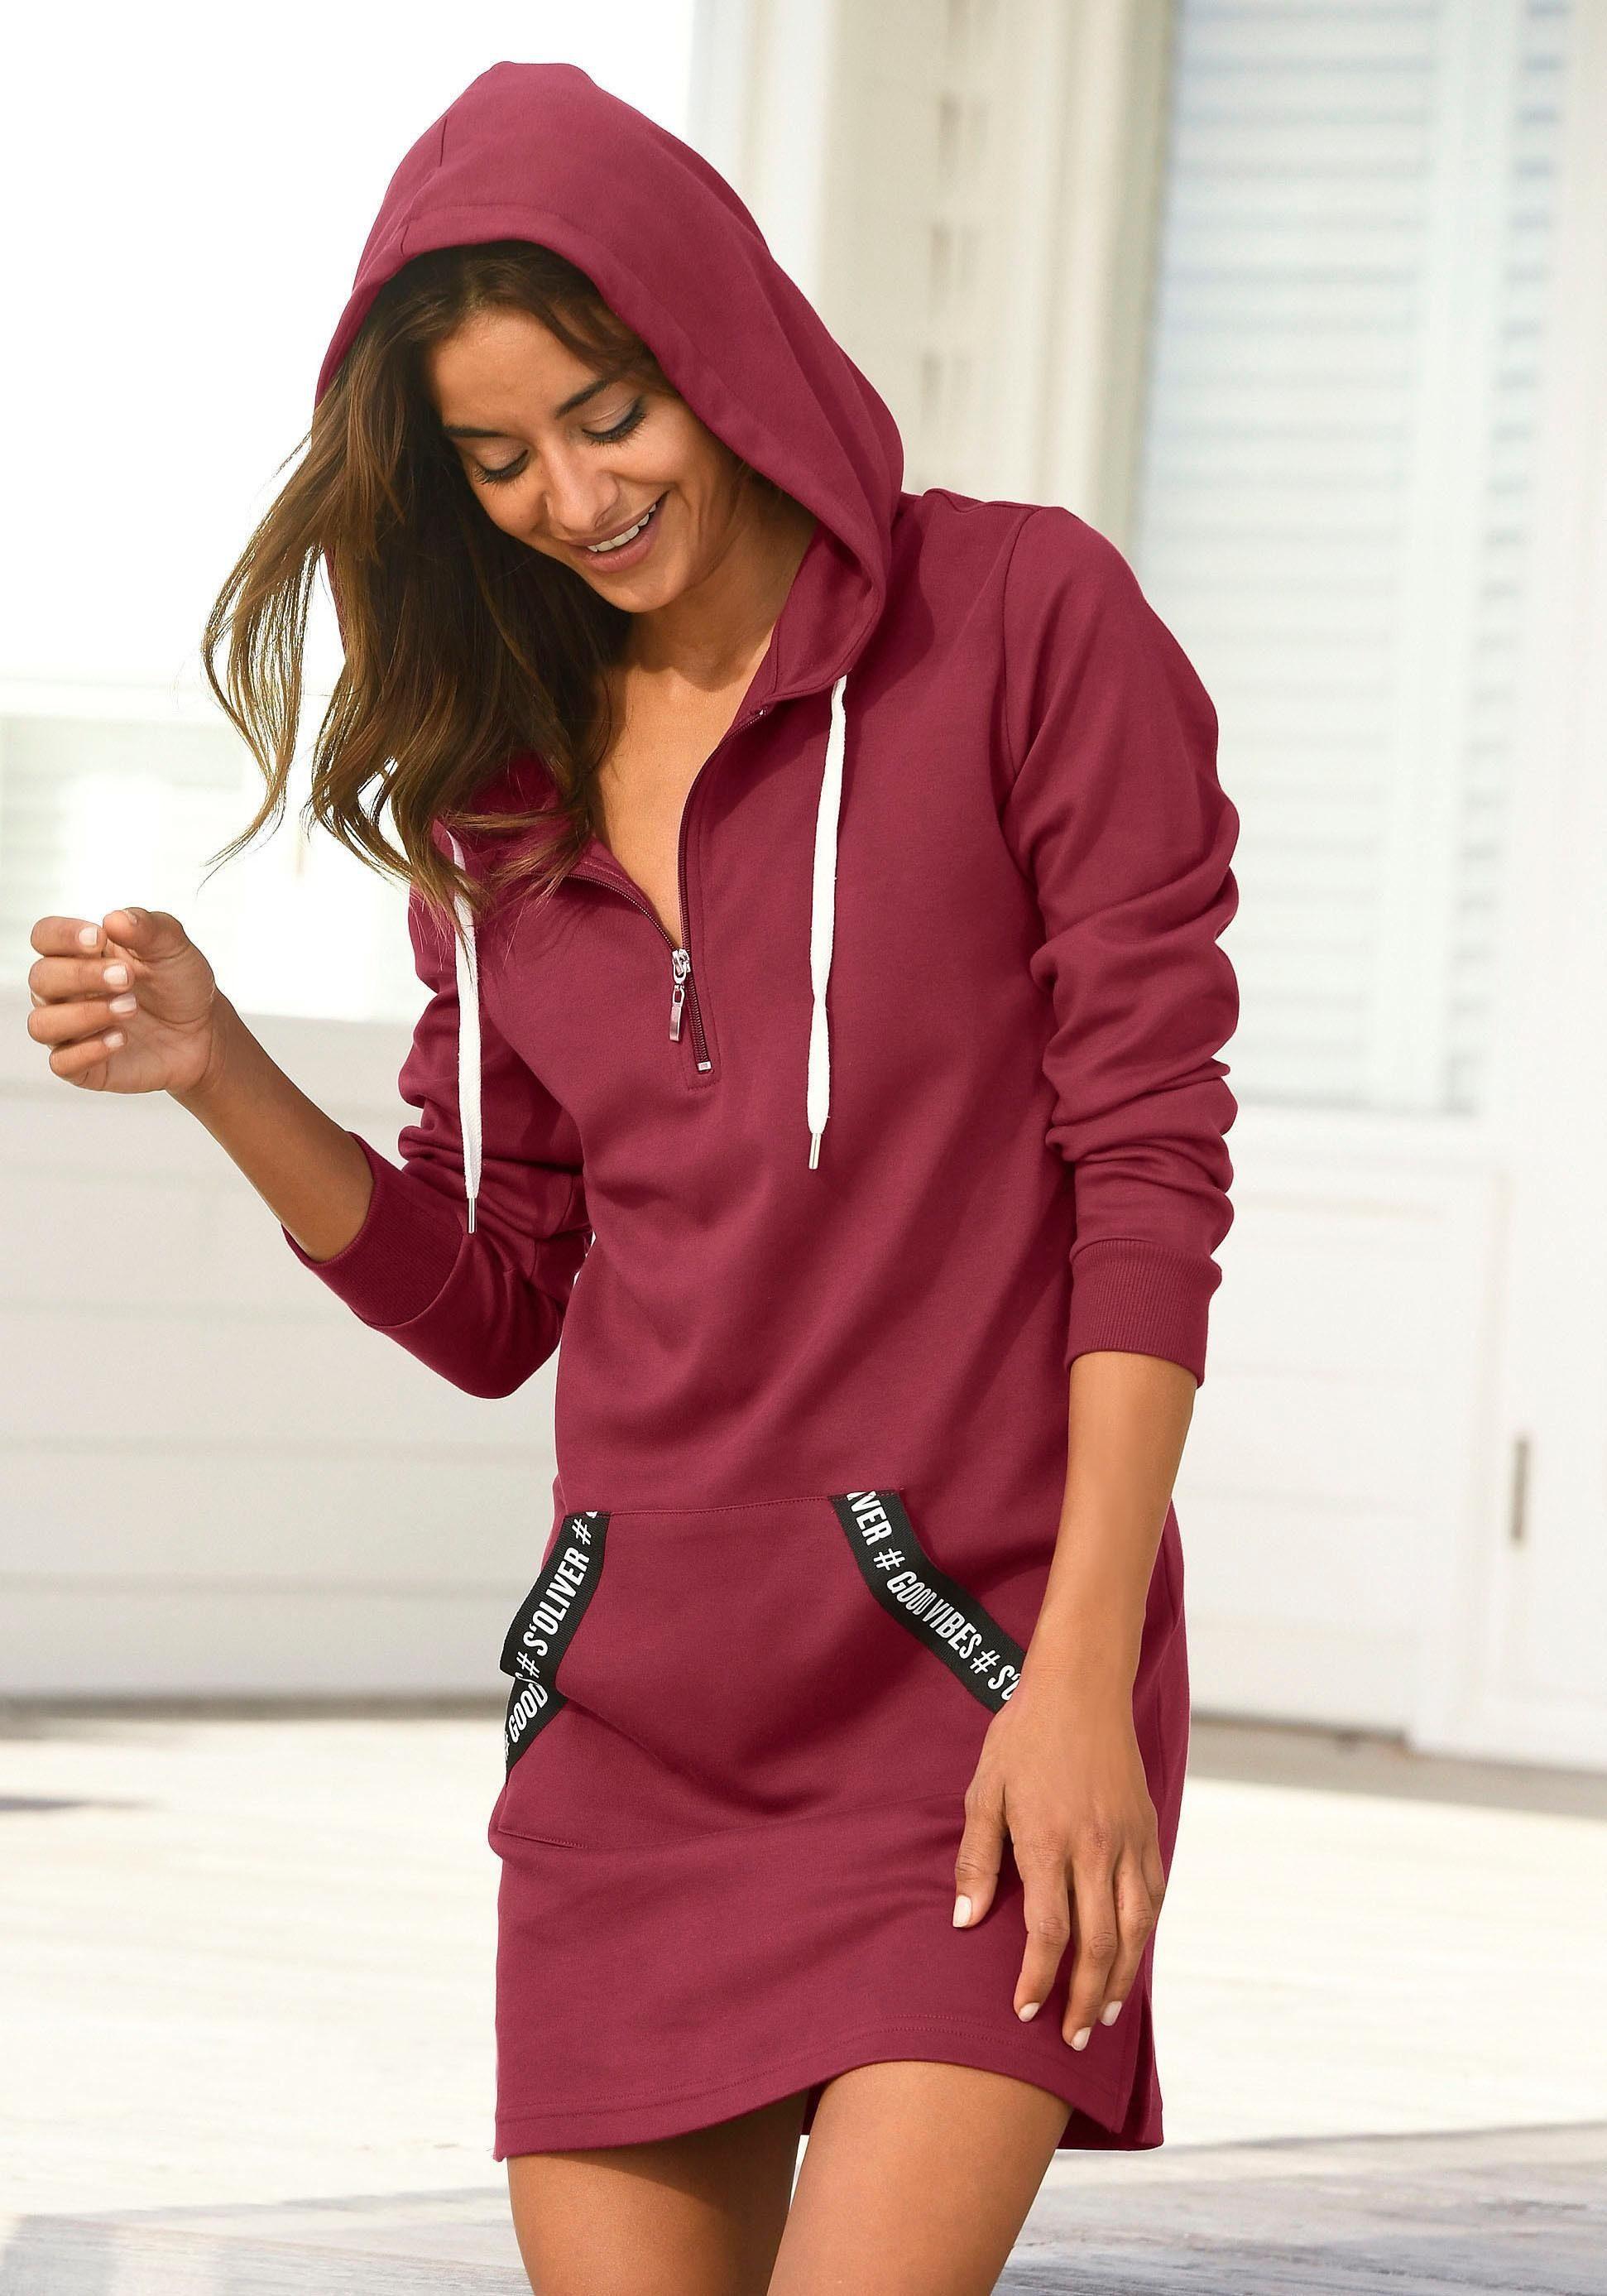 AJC Longsweatshirt mit Zierreißverschluss an Kängurutasche online kaufen | OTTO